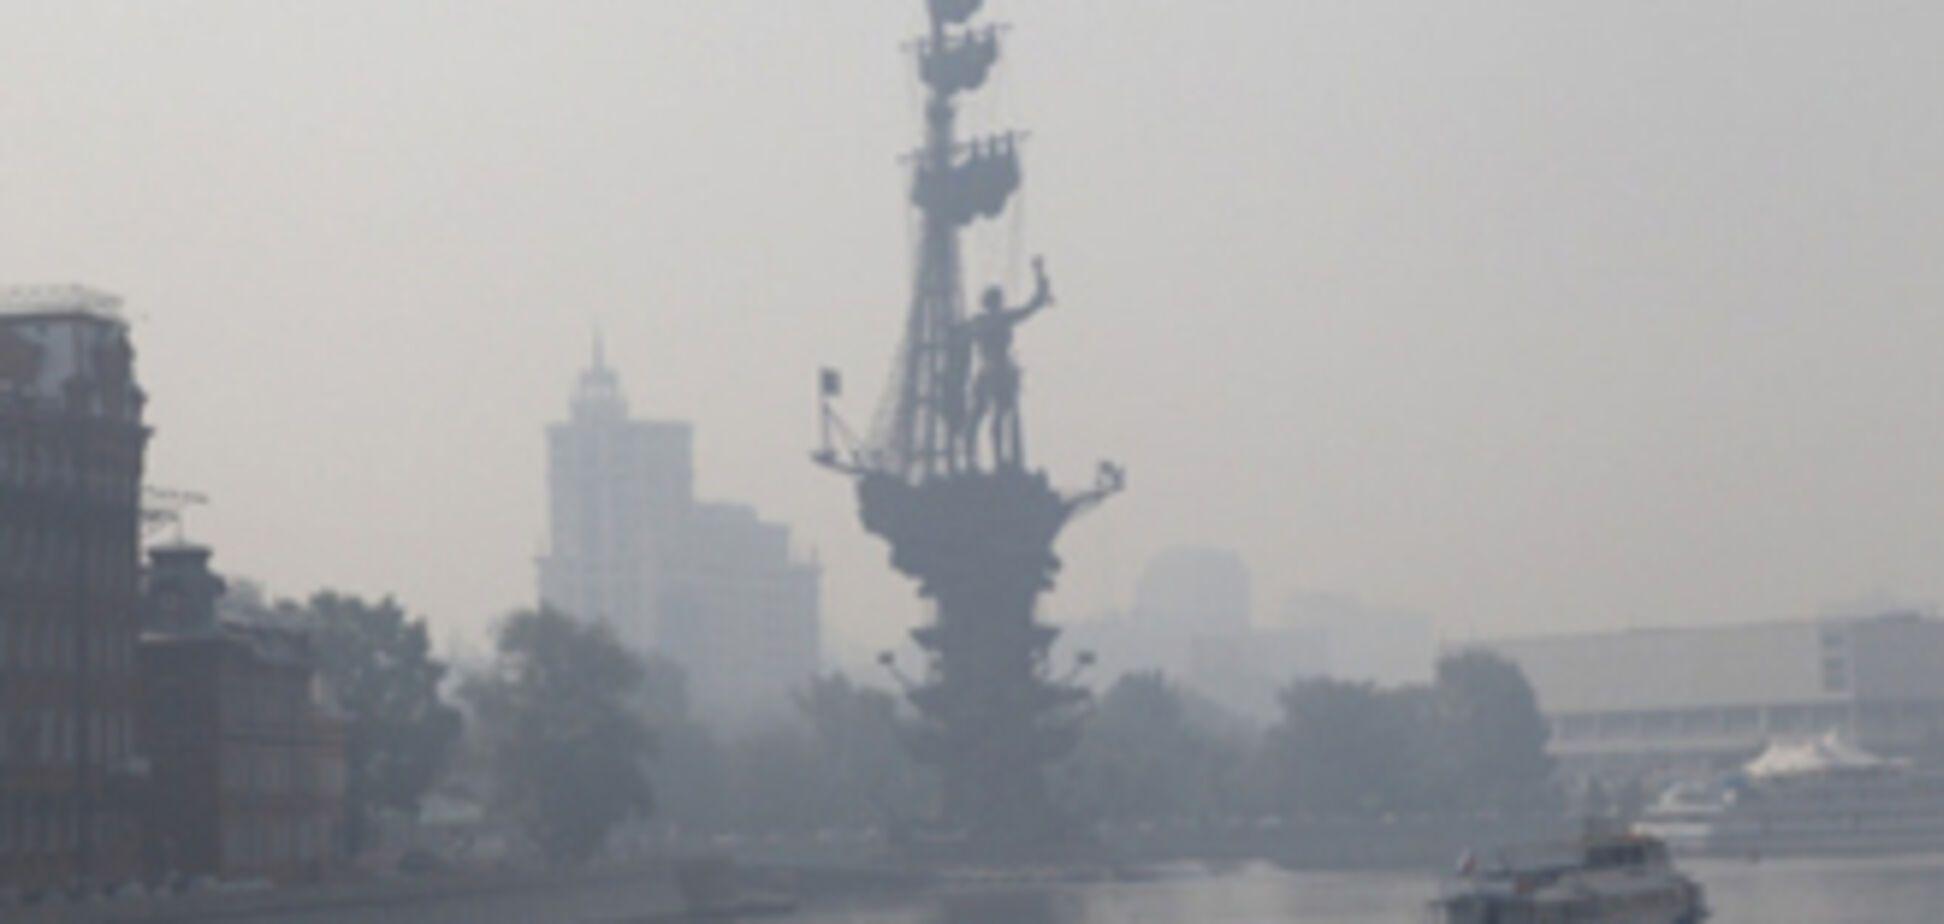 Перепочинок закінчена - дим знову охопив Москву